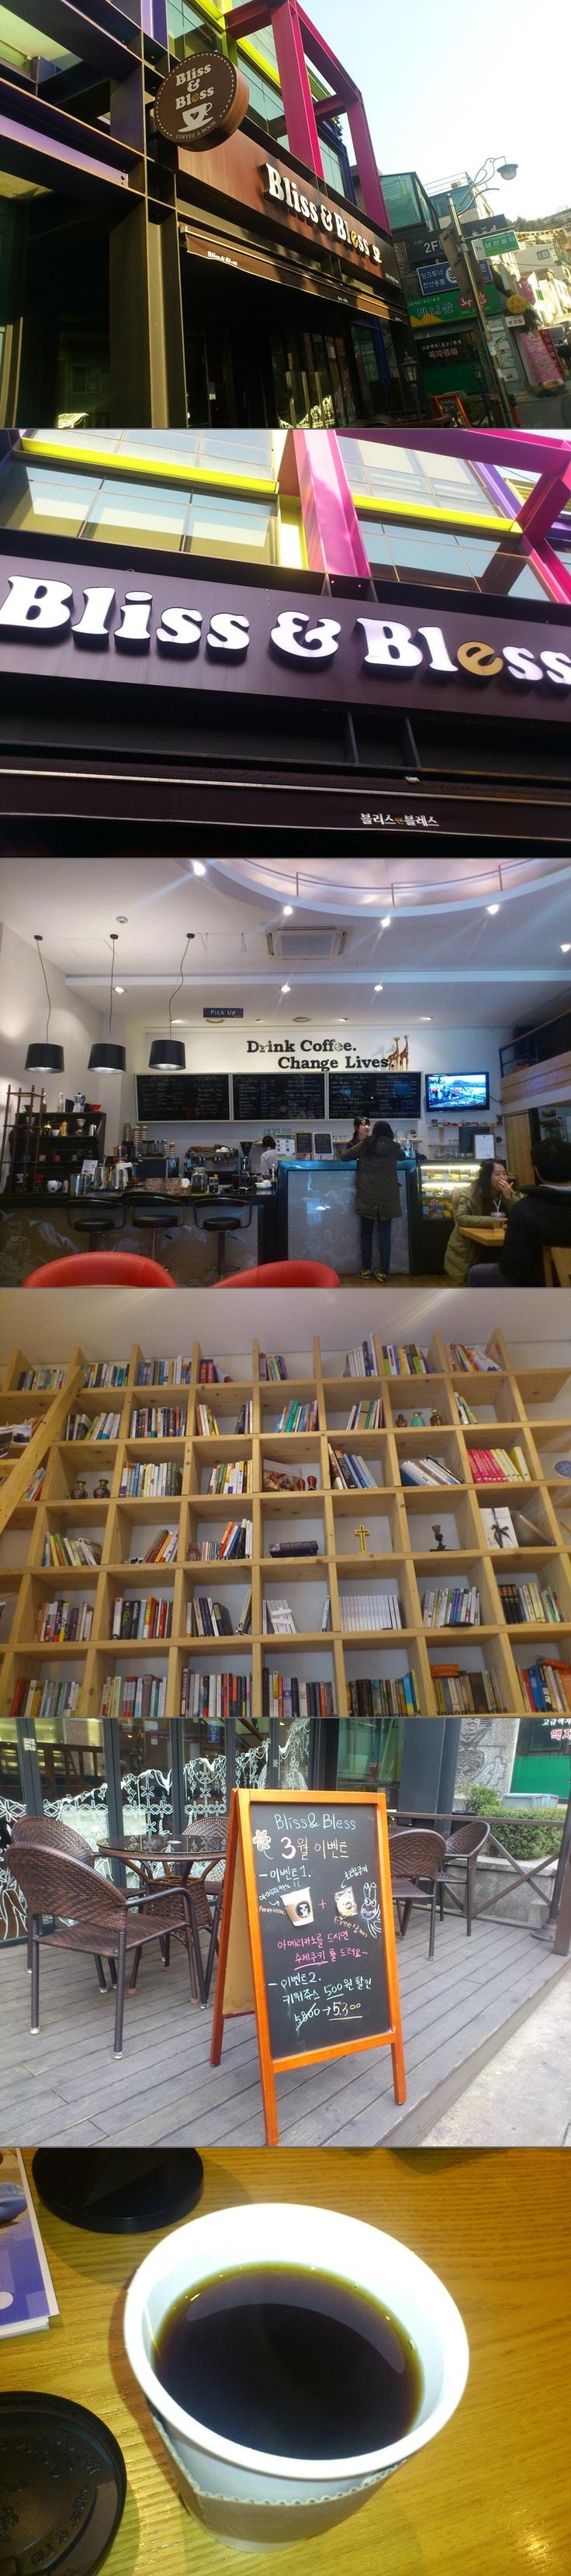 요즘 커피 전문점에 갈일이 많네요. 어제는 명동 블리스 앤 블레스(bliss&bless)에 잠시 들렀어요. 열매나눔재단이 후원하는 사회적기업형 북카페라고 할수 있는 곳인데요. 인테리어도 좋고 앉아서 도란도란 이야기하기 좋은 공간이라는 소견입니다. 근처에 들리실 일이 있으시면 한번 들러보셔도 좋을듯.